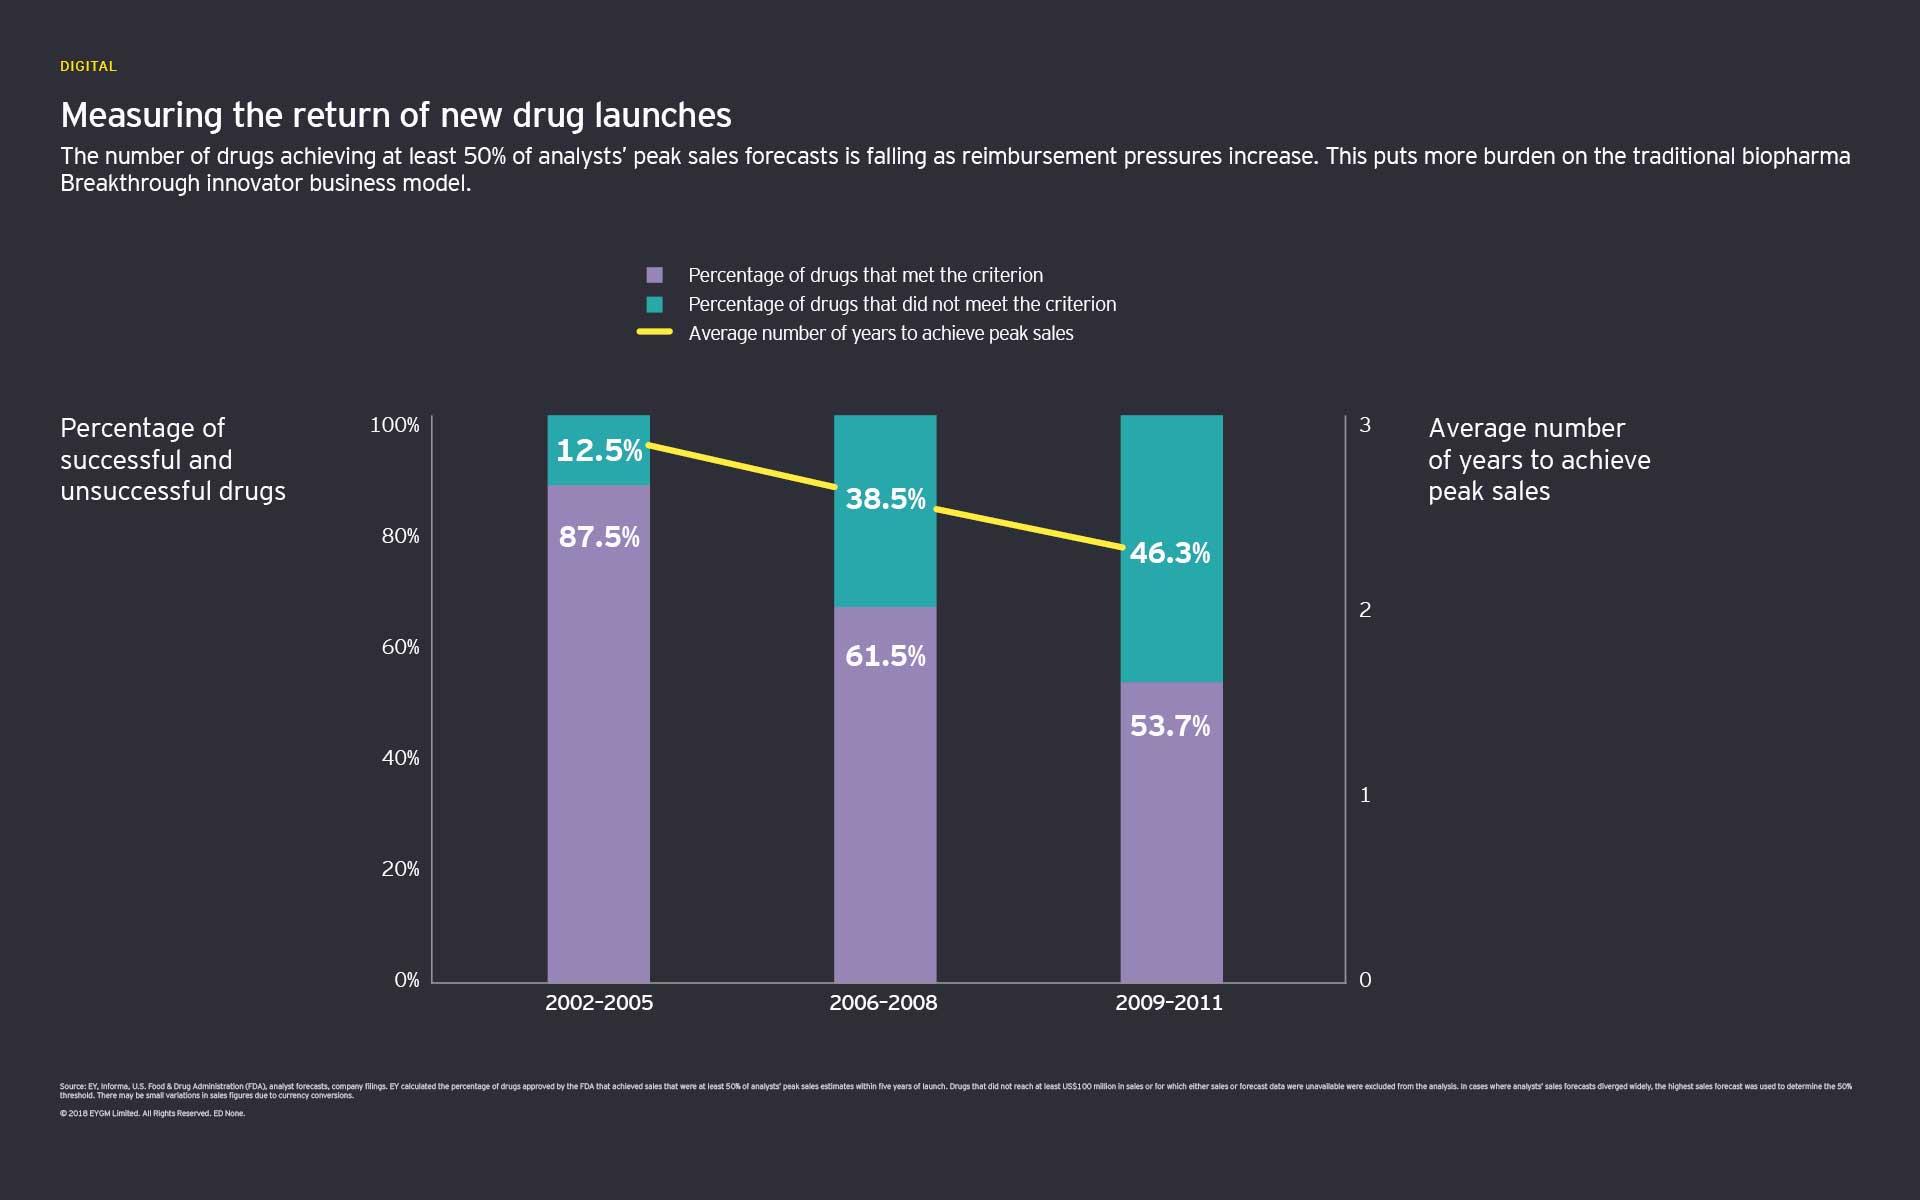 Gráfico para medir o retorno do lançamento de novos medicamentos